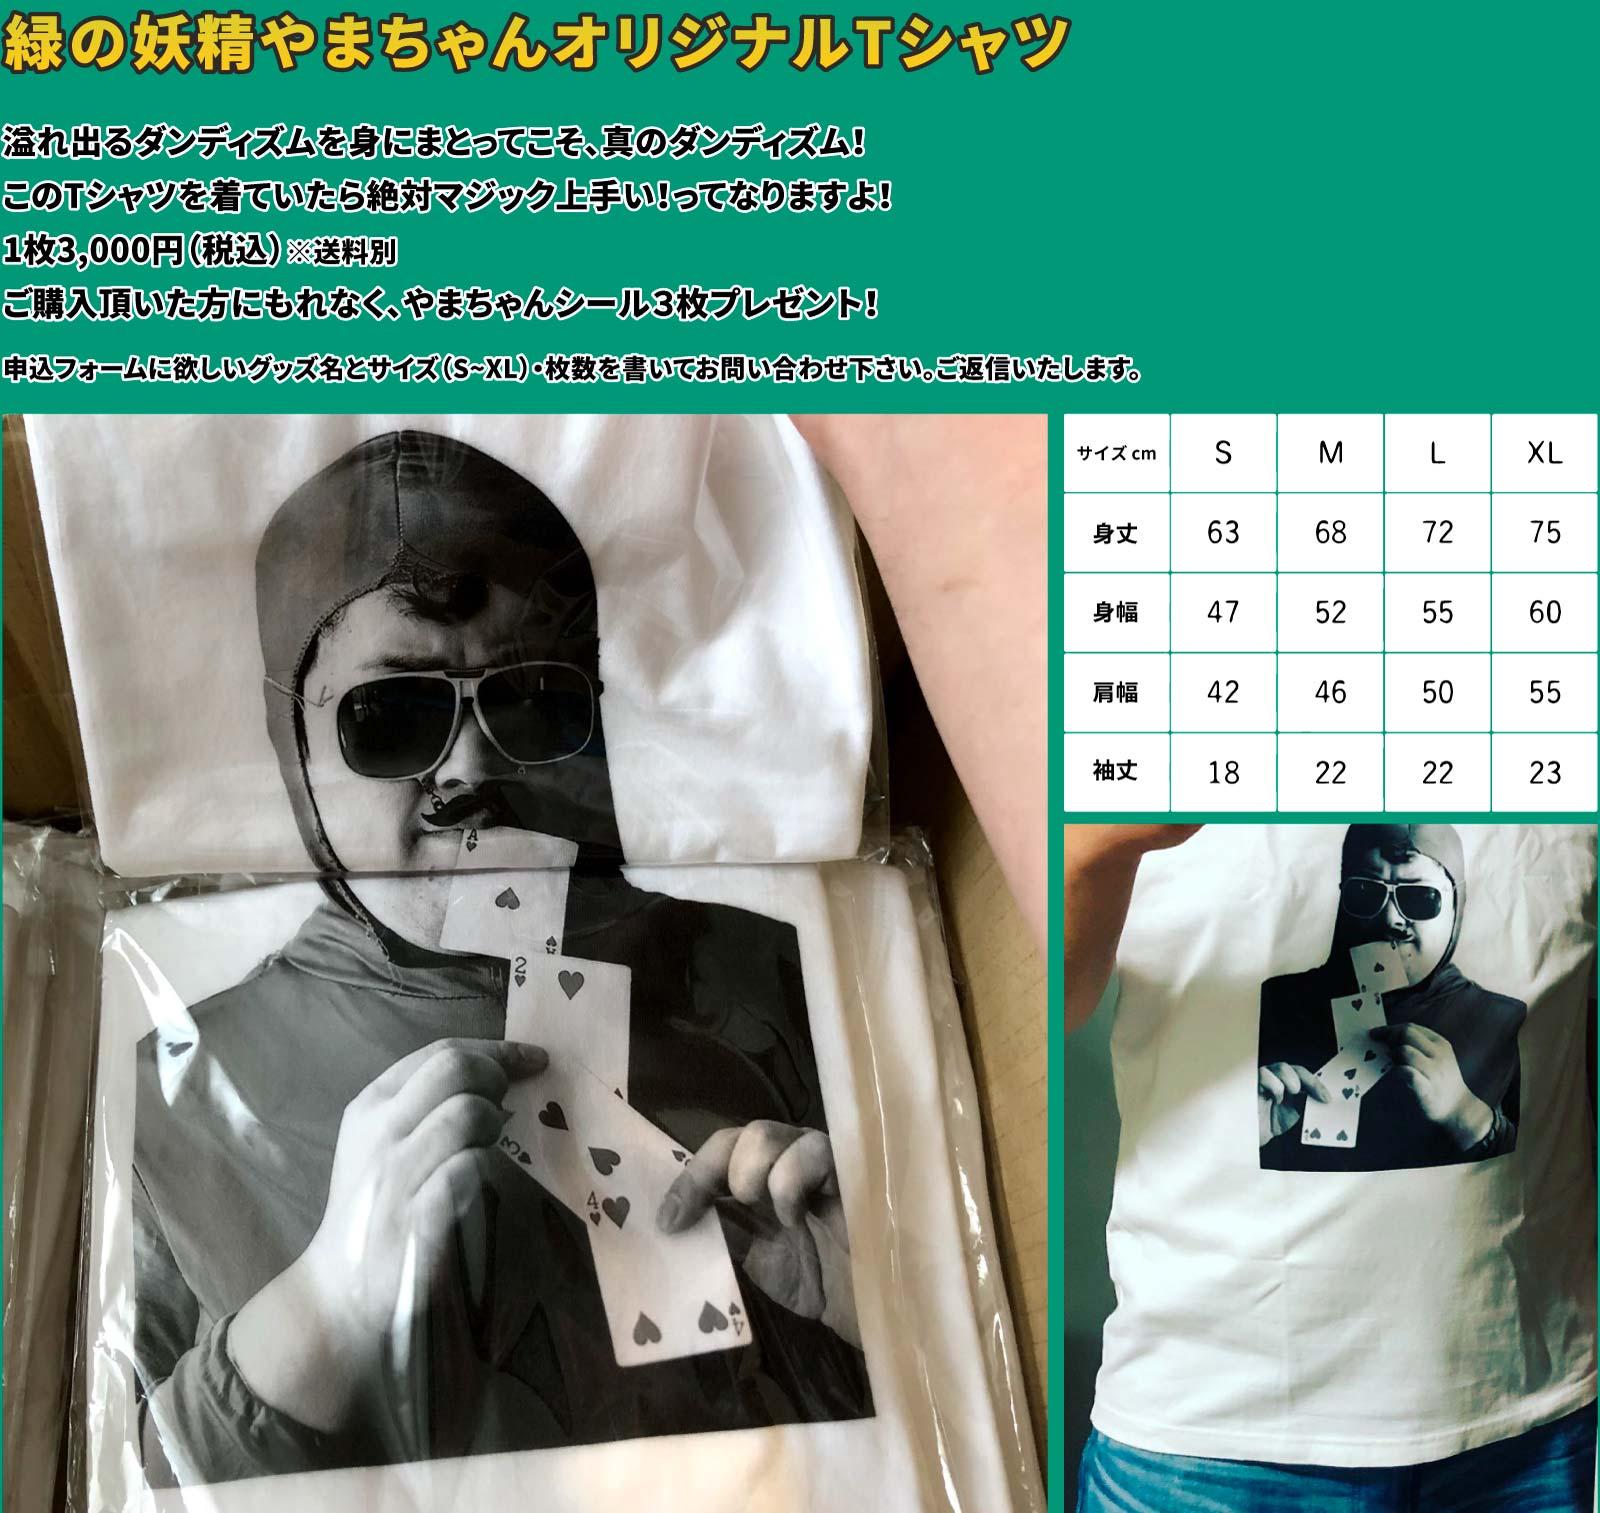 「緑の妖精やまちゃんオリジナルTシャツ」溢れ出るダンディズムを身にまとってこそ、真のダンディズム!このTシャツを着ていたら絶対マジック上手い!ってなりますよ!1枚3,000円(税込)※送料別 ご購入頂いた方にもれなく、やまちゃんシール3枚プレゼント!申込フォームに欲しいグッズ名とサイズ(S~XL)・枚数を書いてお問い合わせ下さい。ご返信いたします。